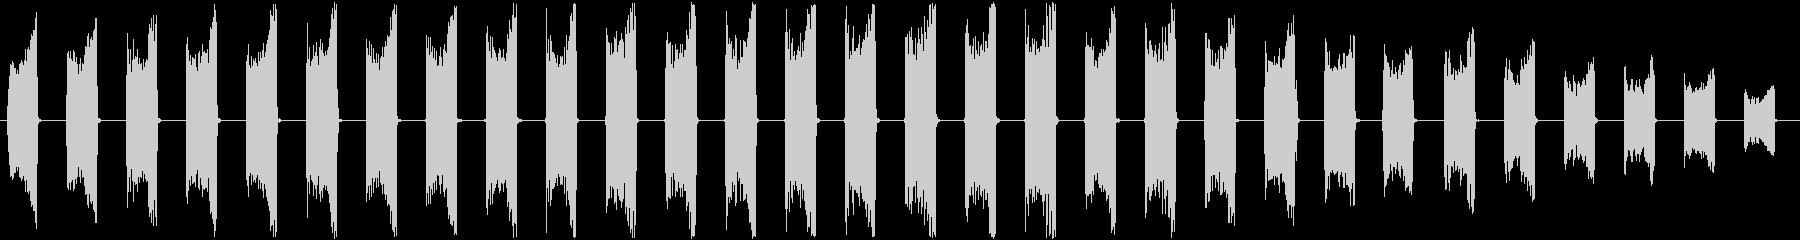 【ロボット/機械/乗り物シャットダウン】の未再生の波形